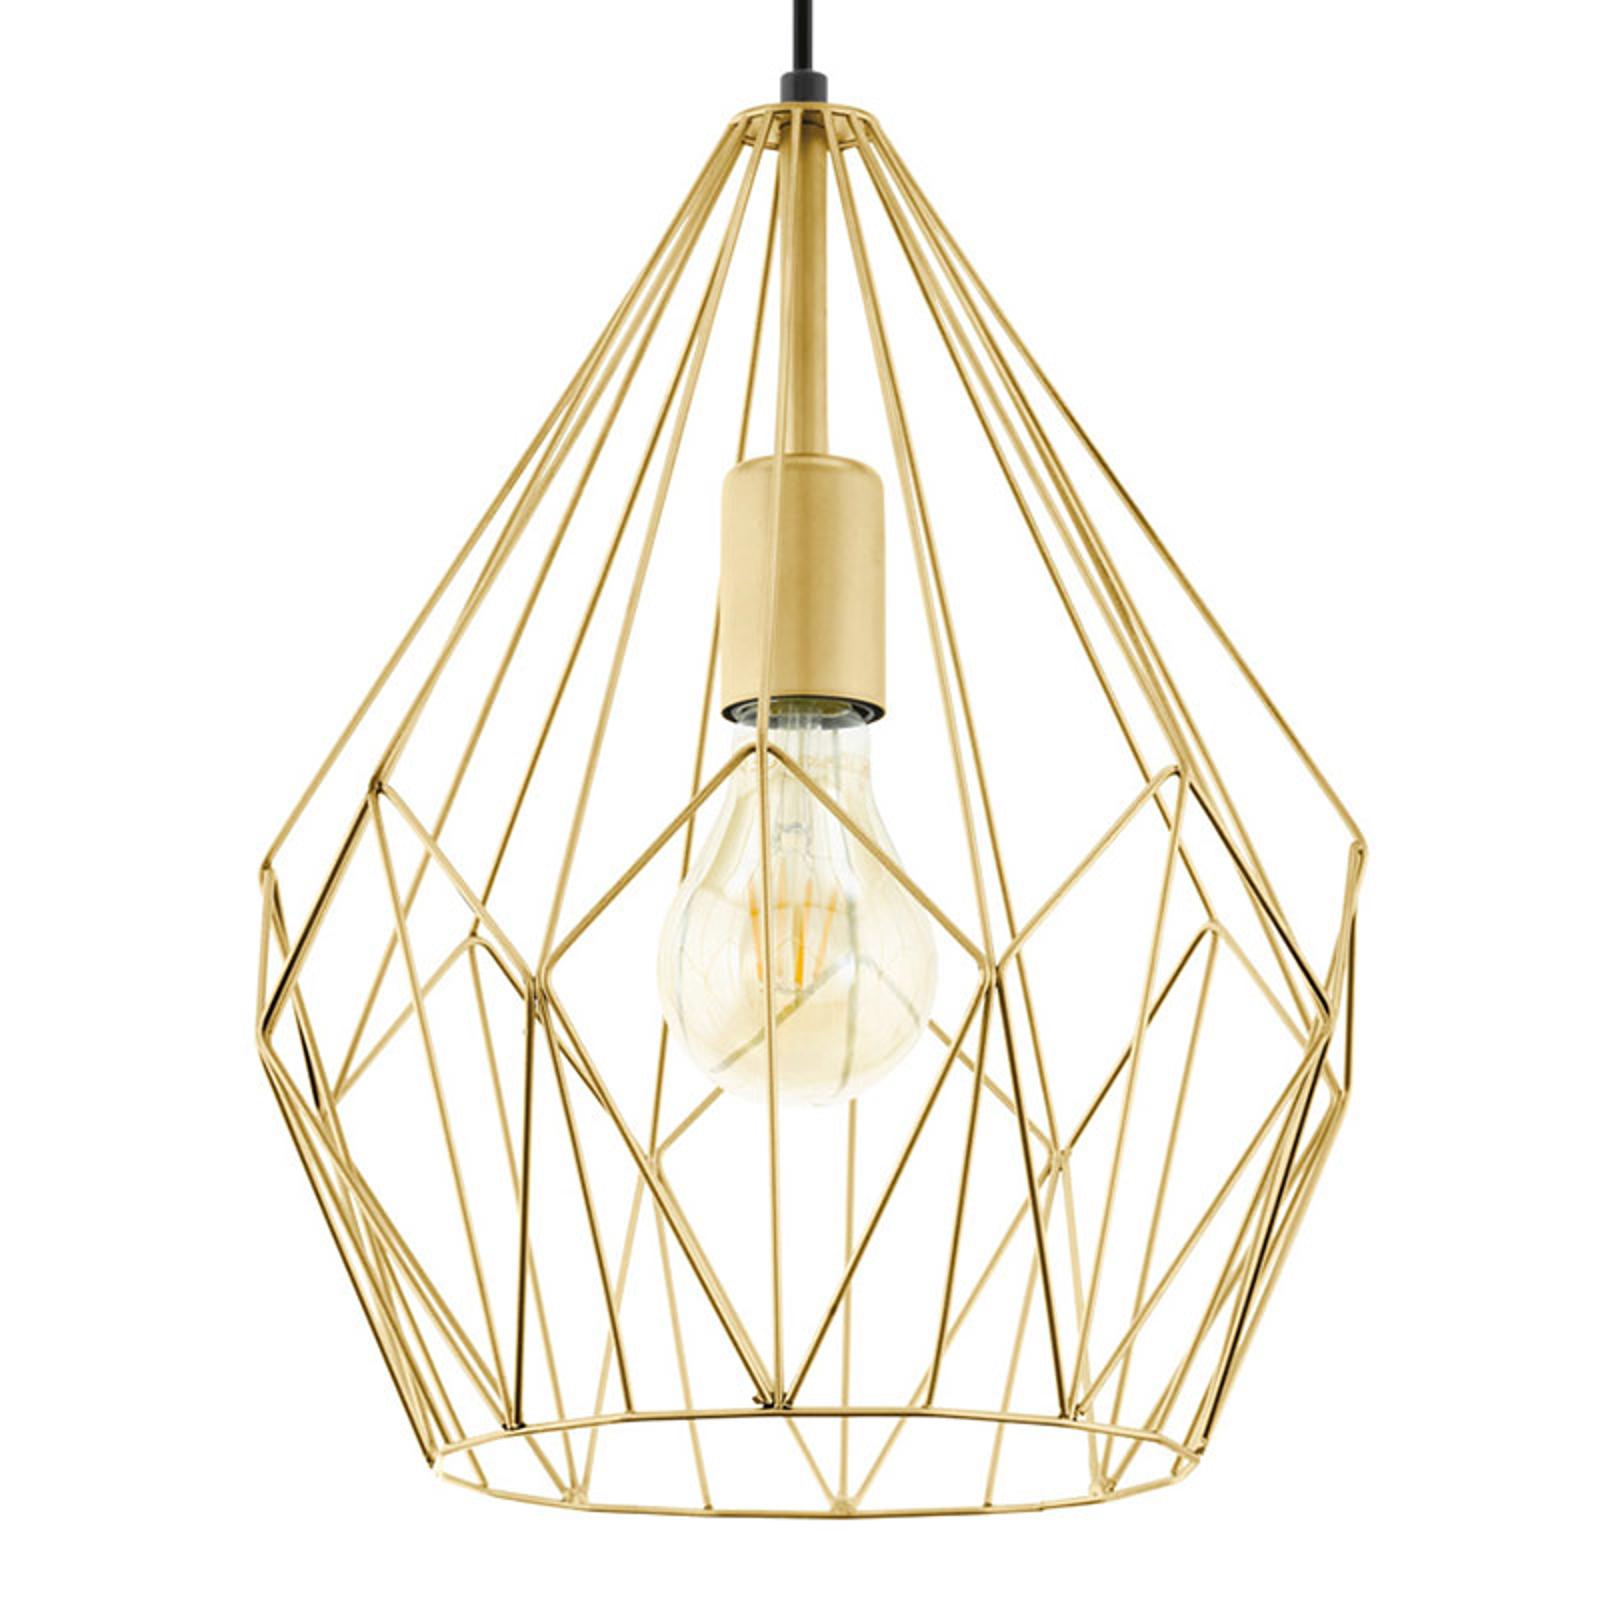 Lampa wisząca Carlton z klatkowym kloszem, złota